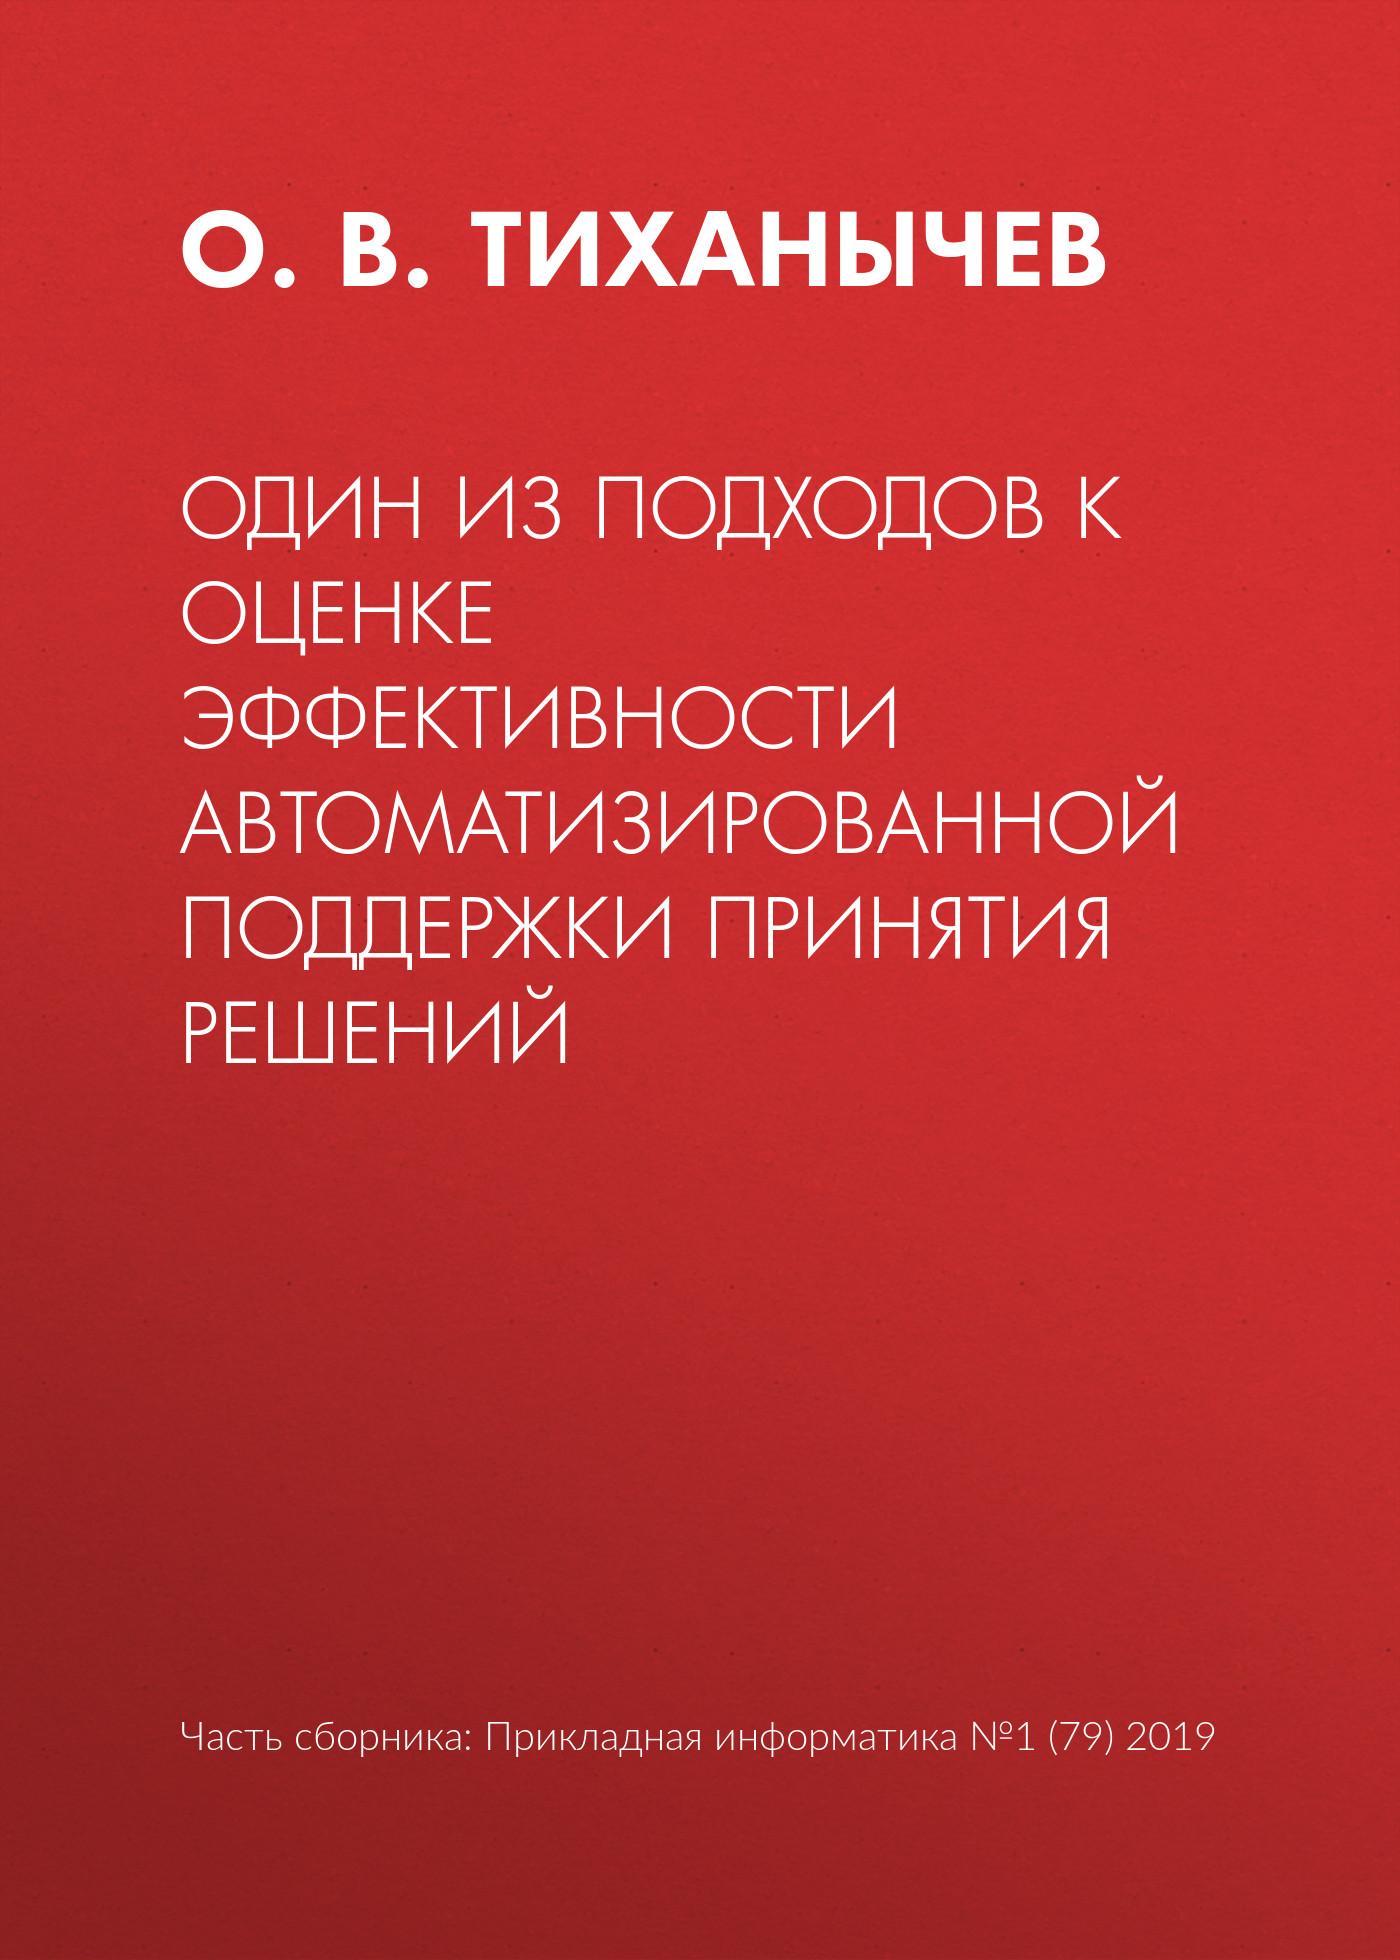 О. В. Тиханычев Один из подходов к оценке эффективности автоматизированной поддержки принятия решений